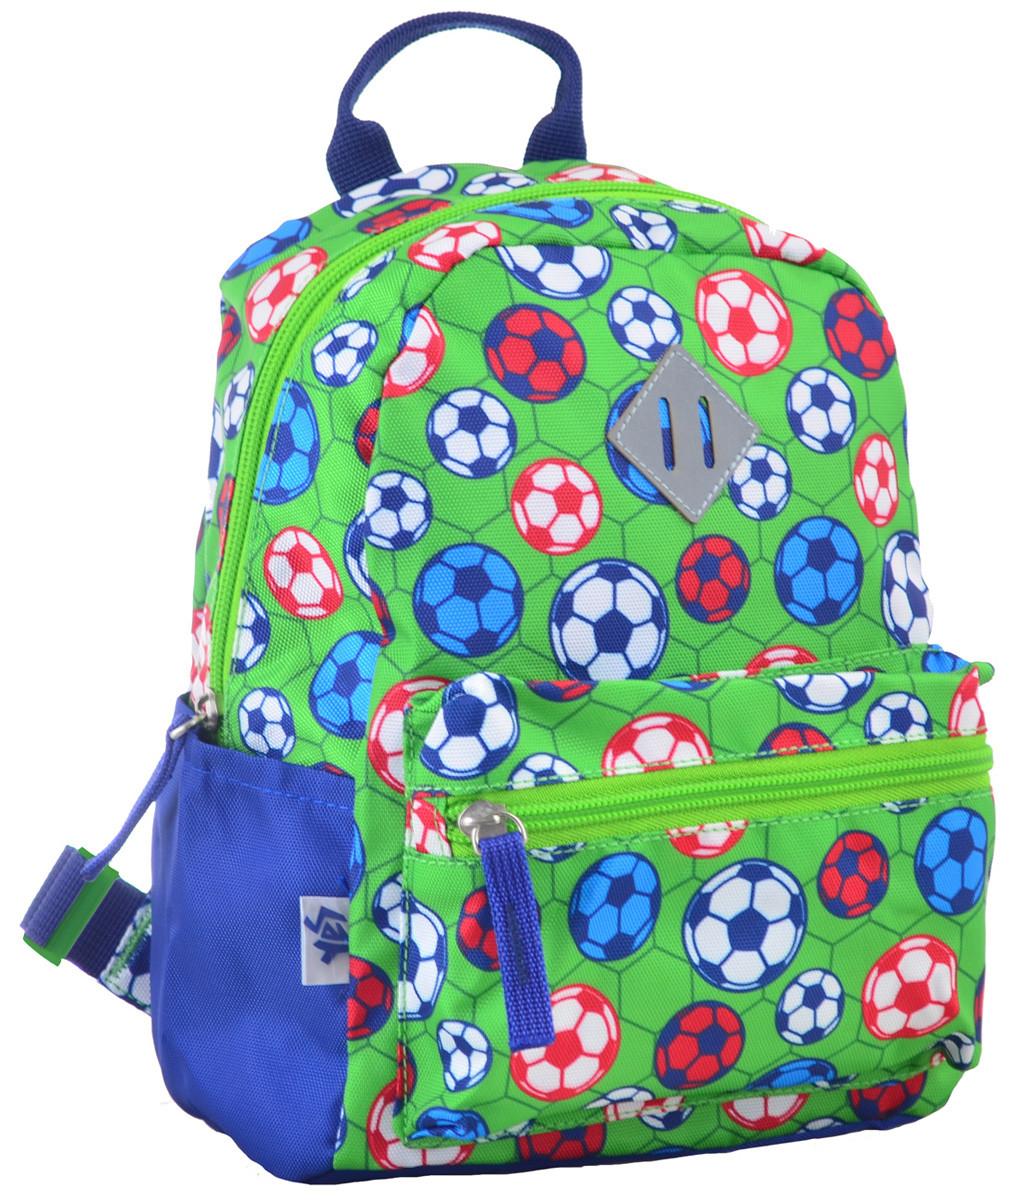 Рюкзак детский дошкольный YES K-19 Football, 24.5*20*11 код: 555311